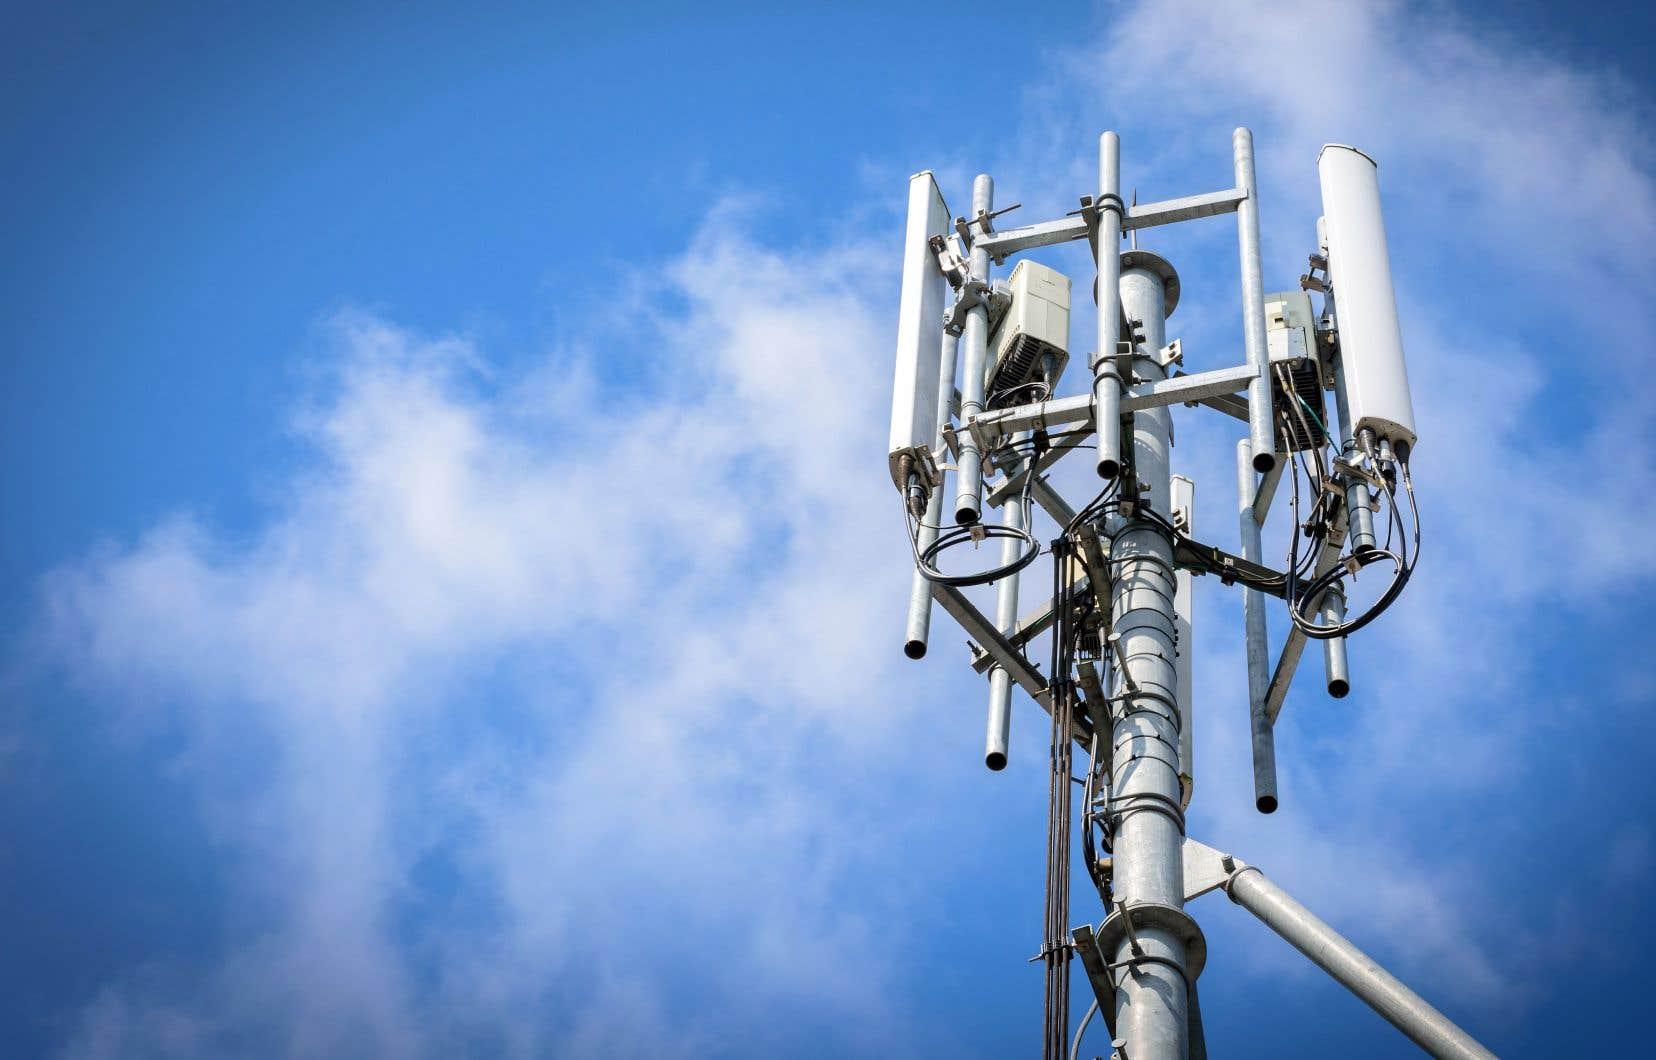 La 5G promet de faire entrer la télécommunication sans fil dans une nouvelle ère. À terme, la vitesse de connexion devrait être plus rapide et atteindre un débit de 10 gigabits par seconde.